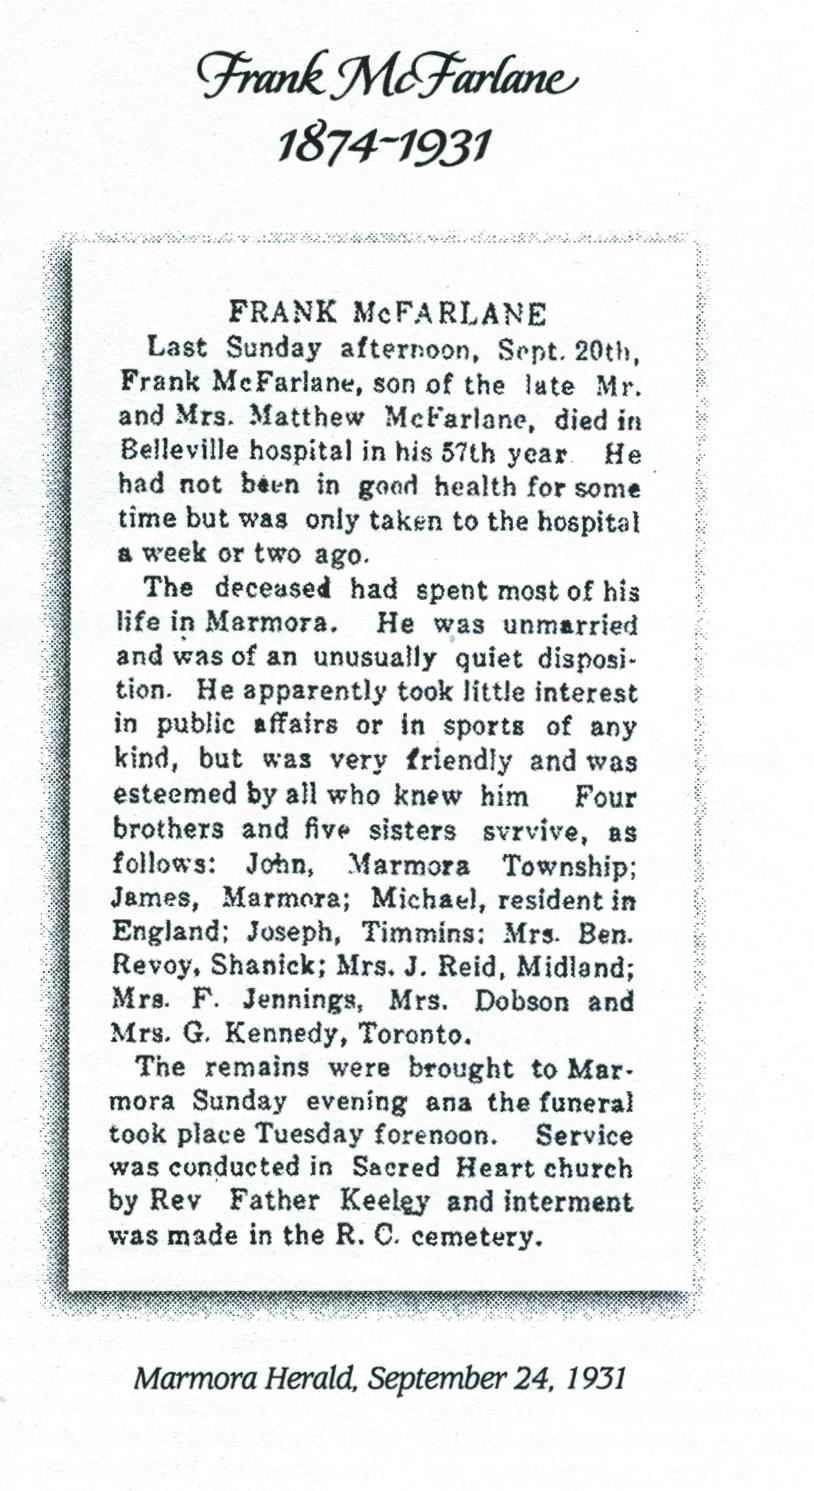 McFarlane, Frank, 1874-1931,.jpg